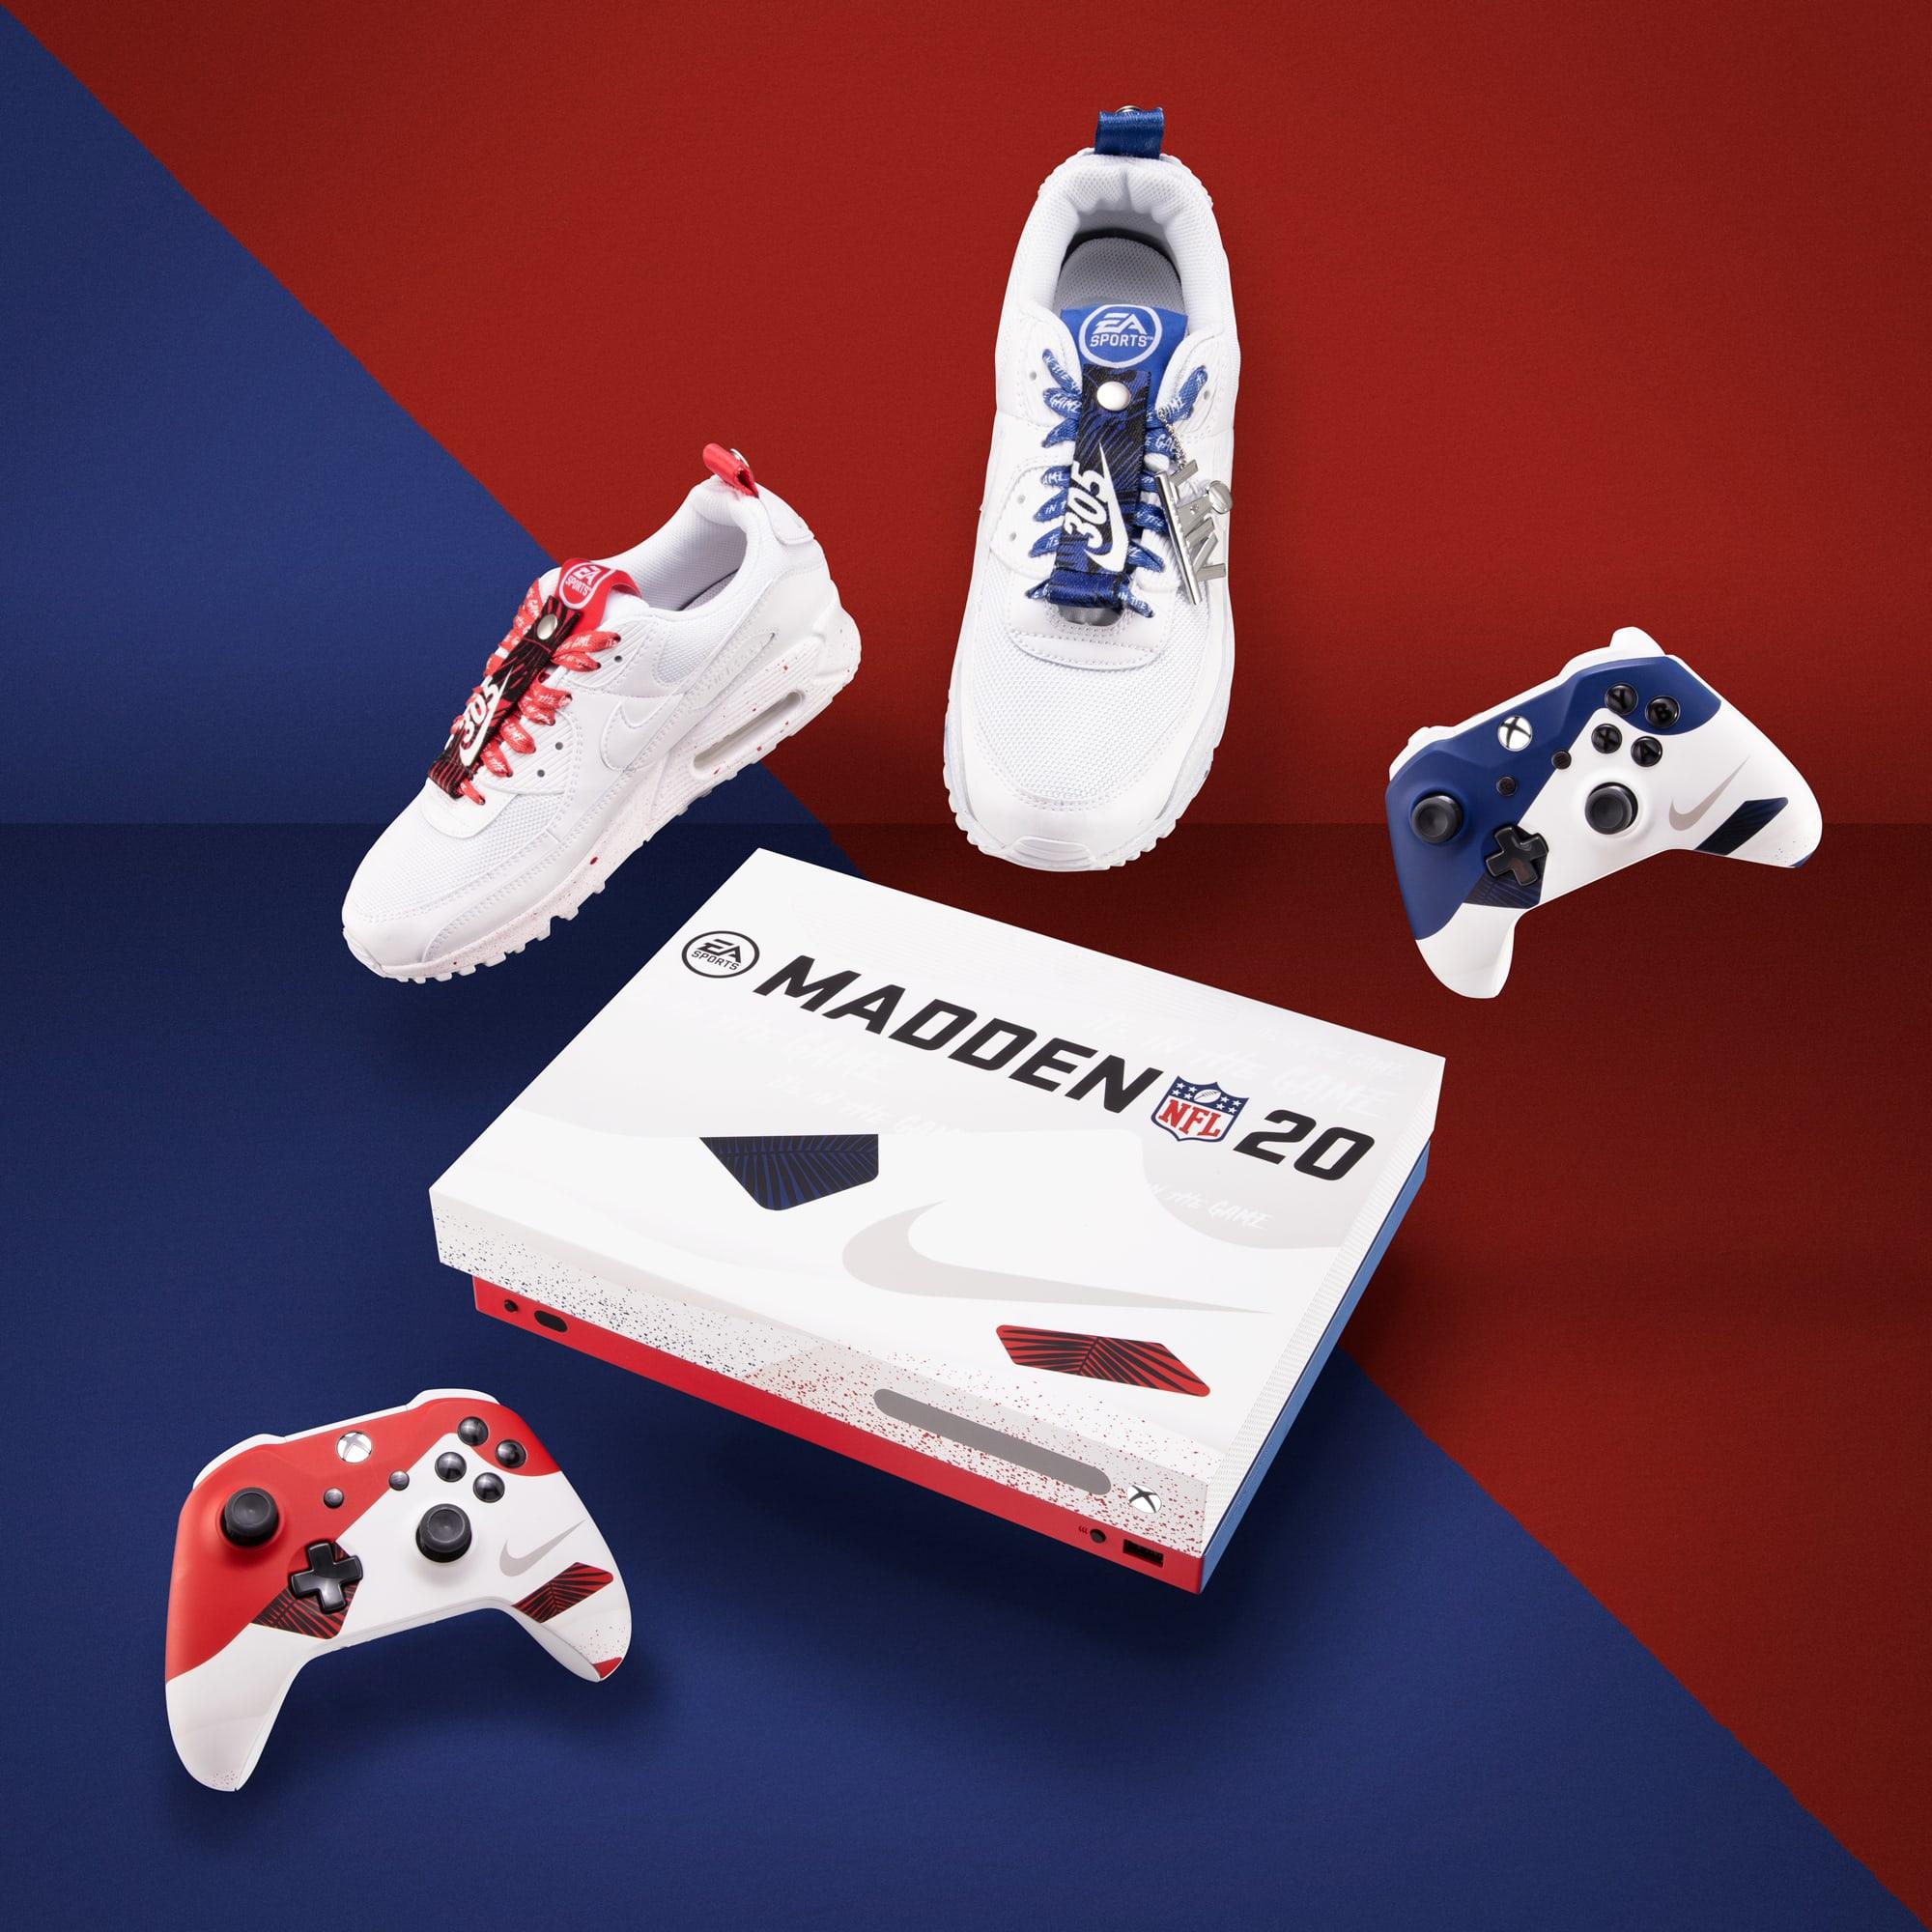 Xbox x EA Sports x Nike Air Max 90 (Group)